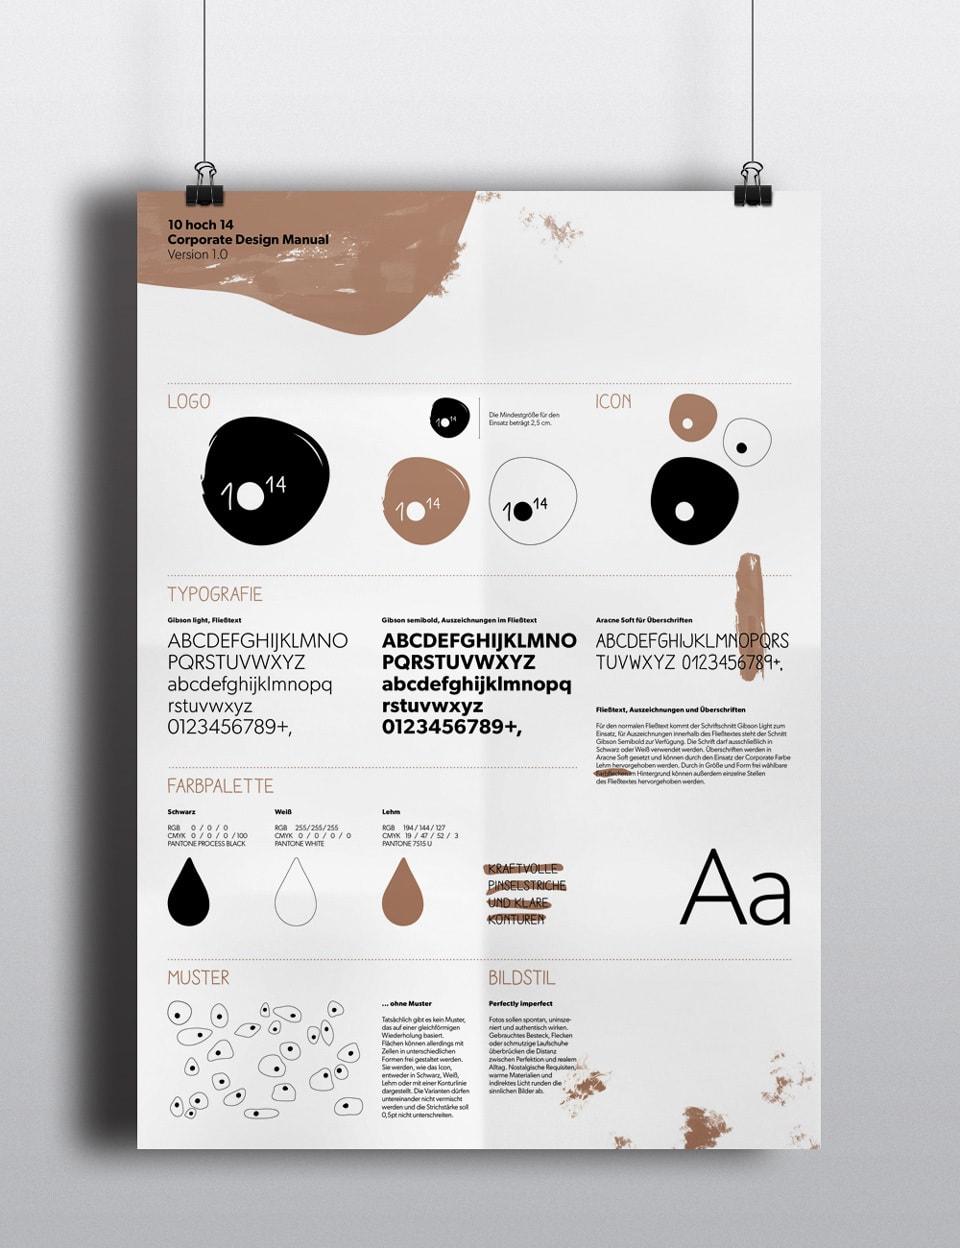 nachhaltiges grafik design salzburg 10hoch14 cd-manual